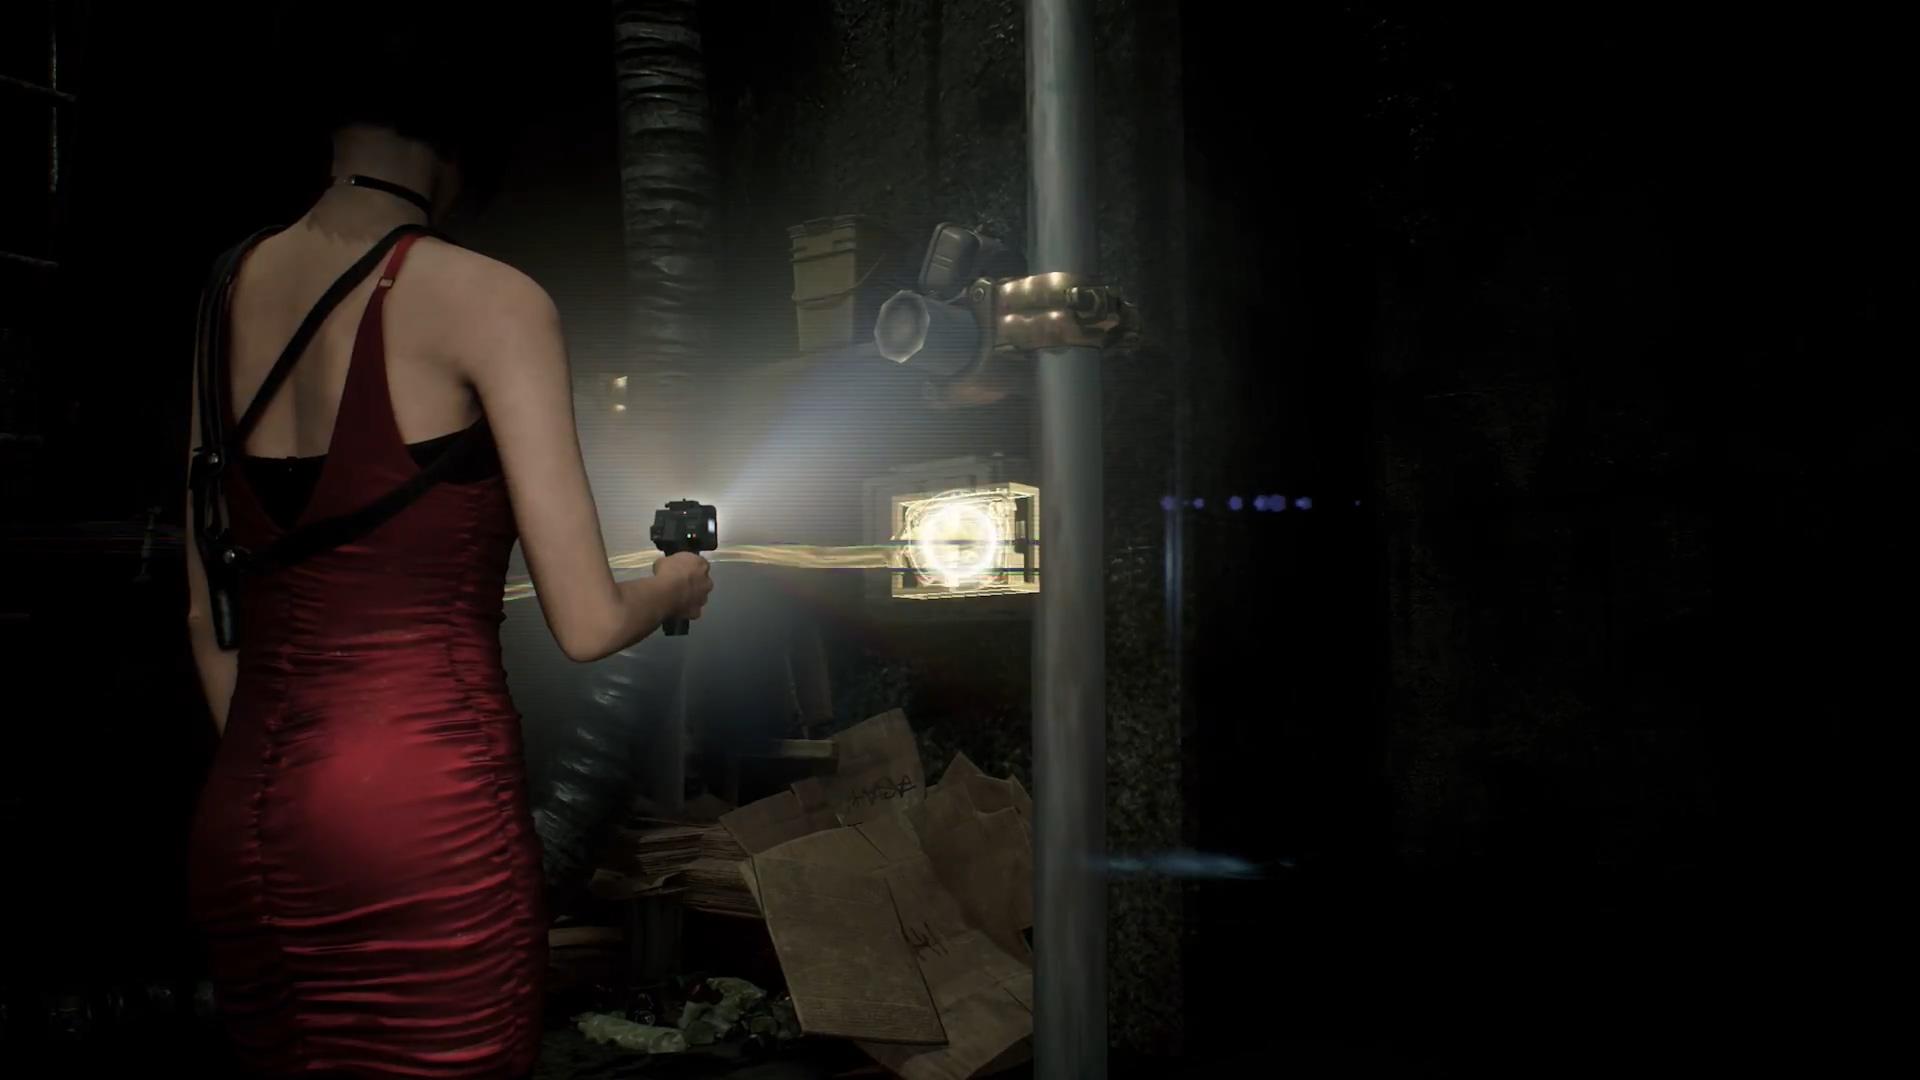 《生化危機2重制版》艾達王赤色短裙視頻露臉